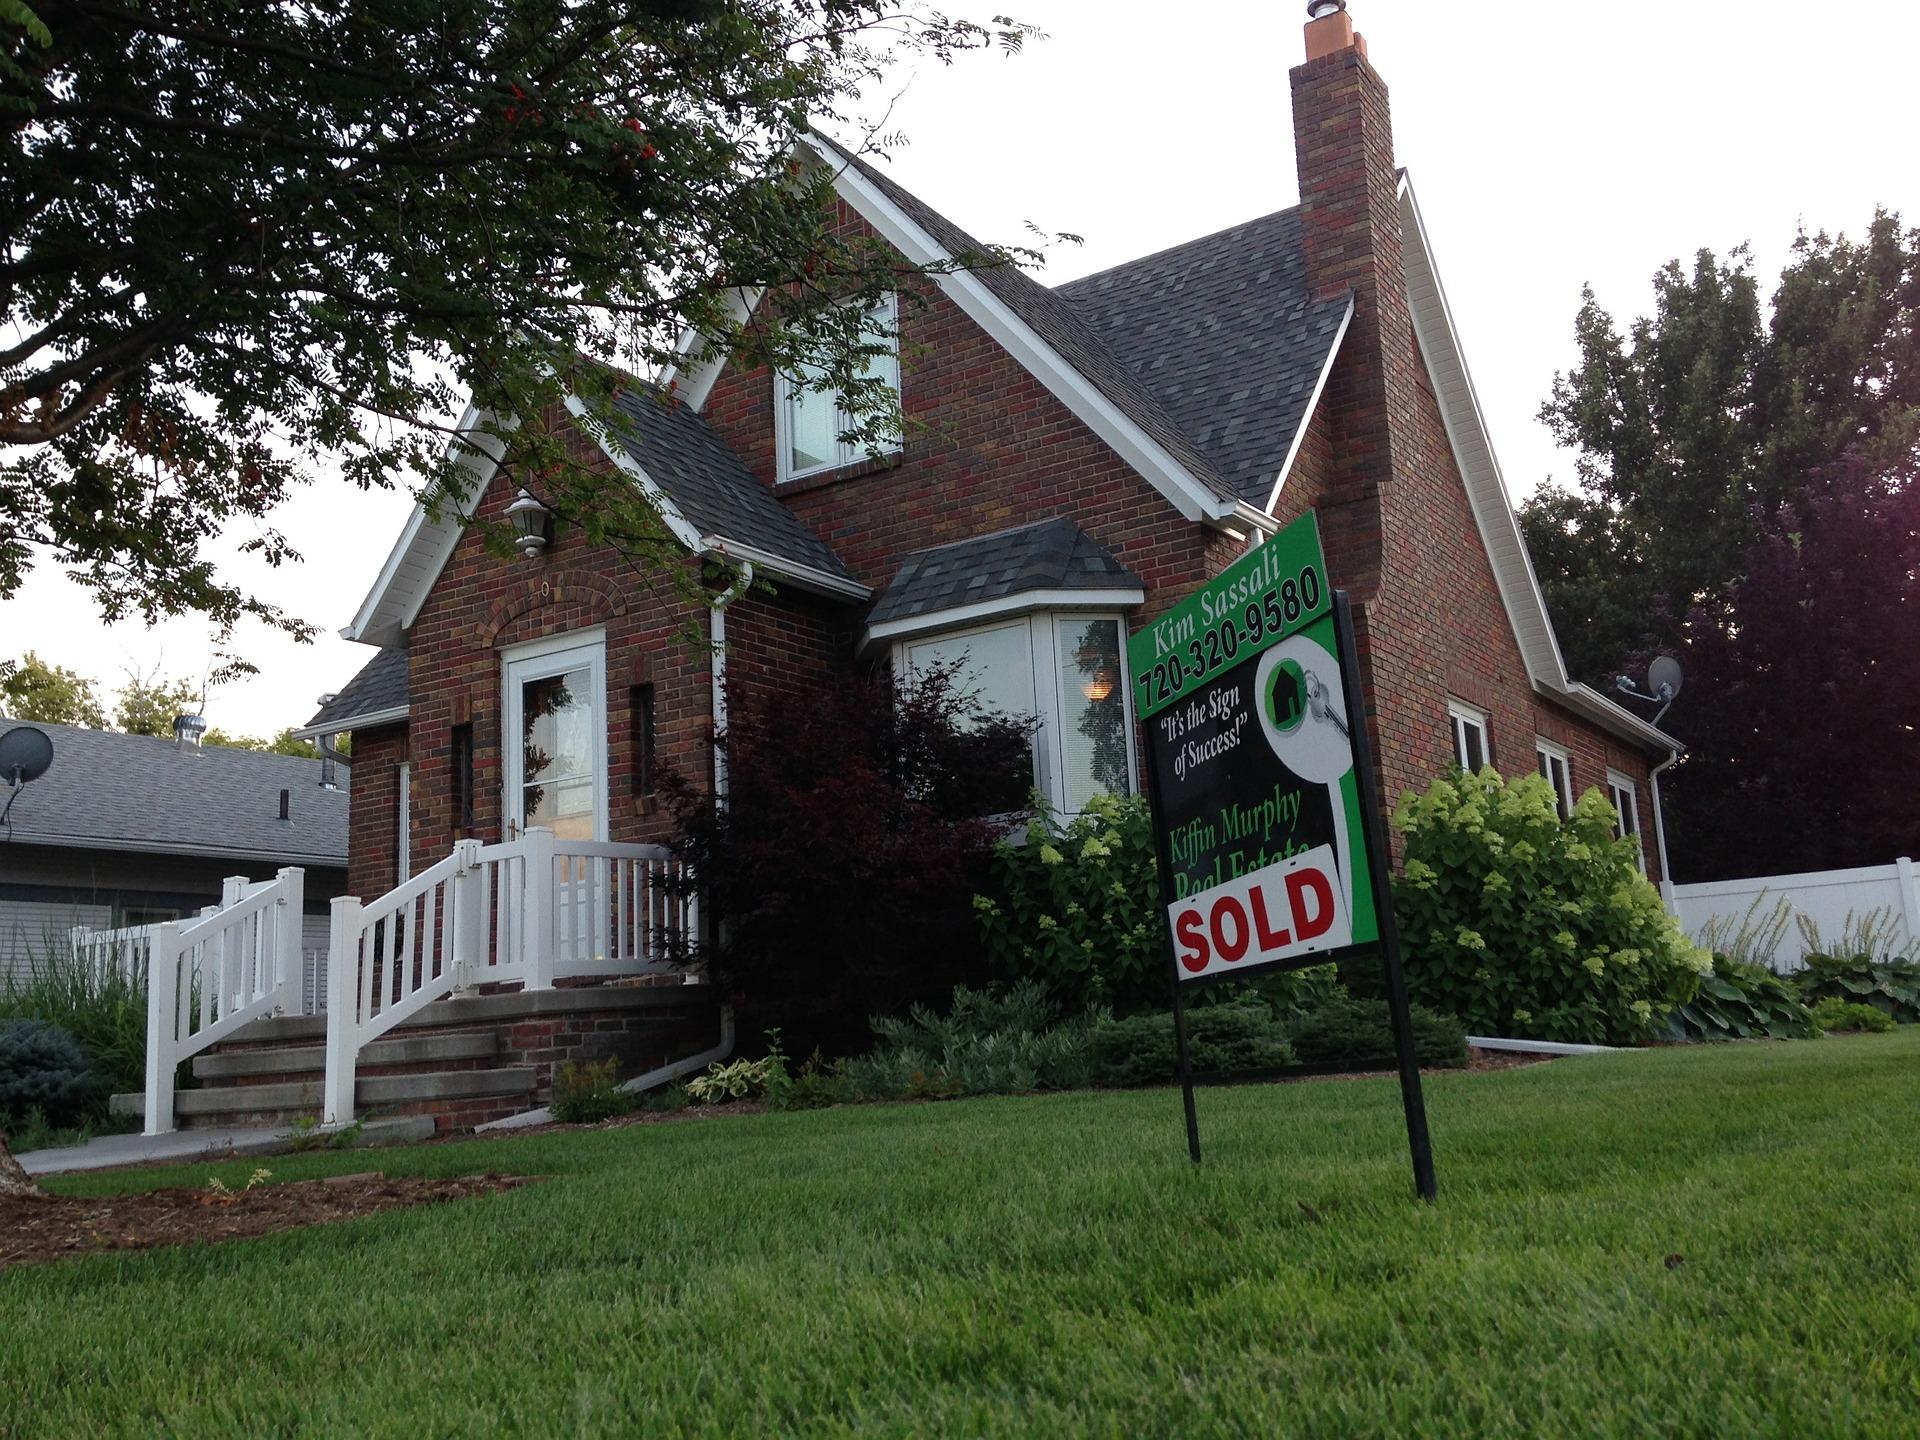 Zakup nieruchomości – jak nie dać się nabrać ?